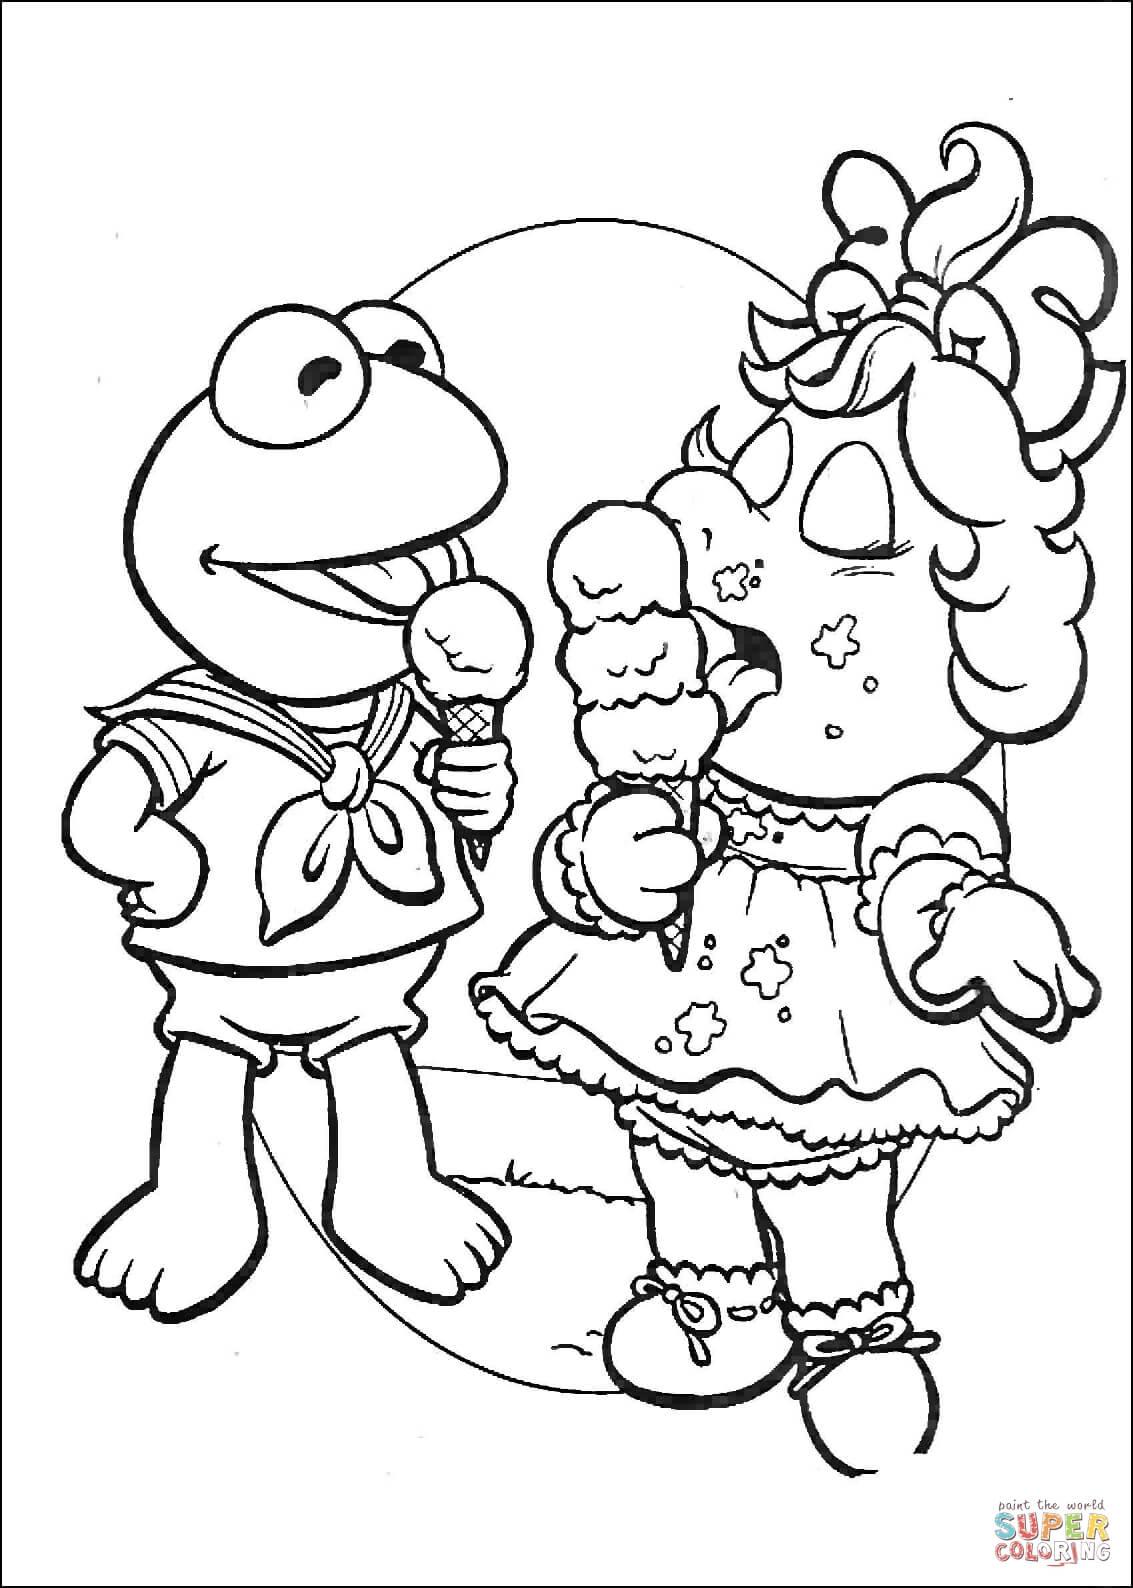 Dibujo de Baby Kermit y Miss Piggy comiendo helado para